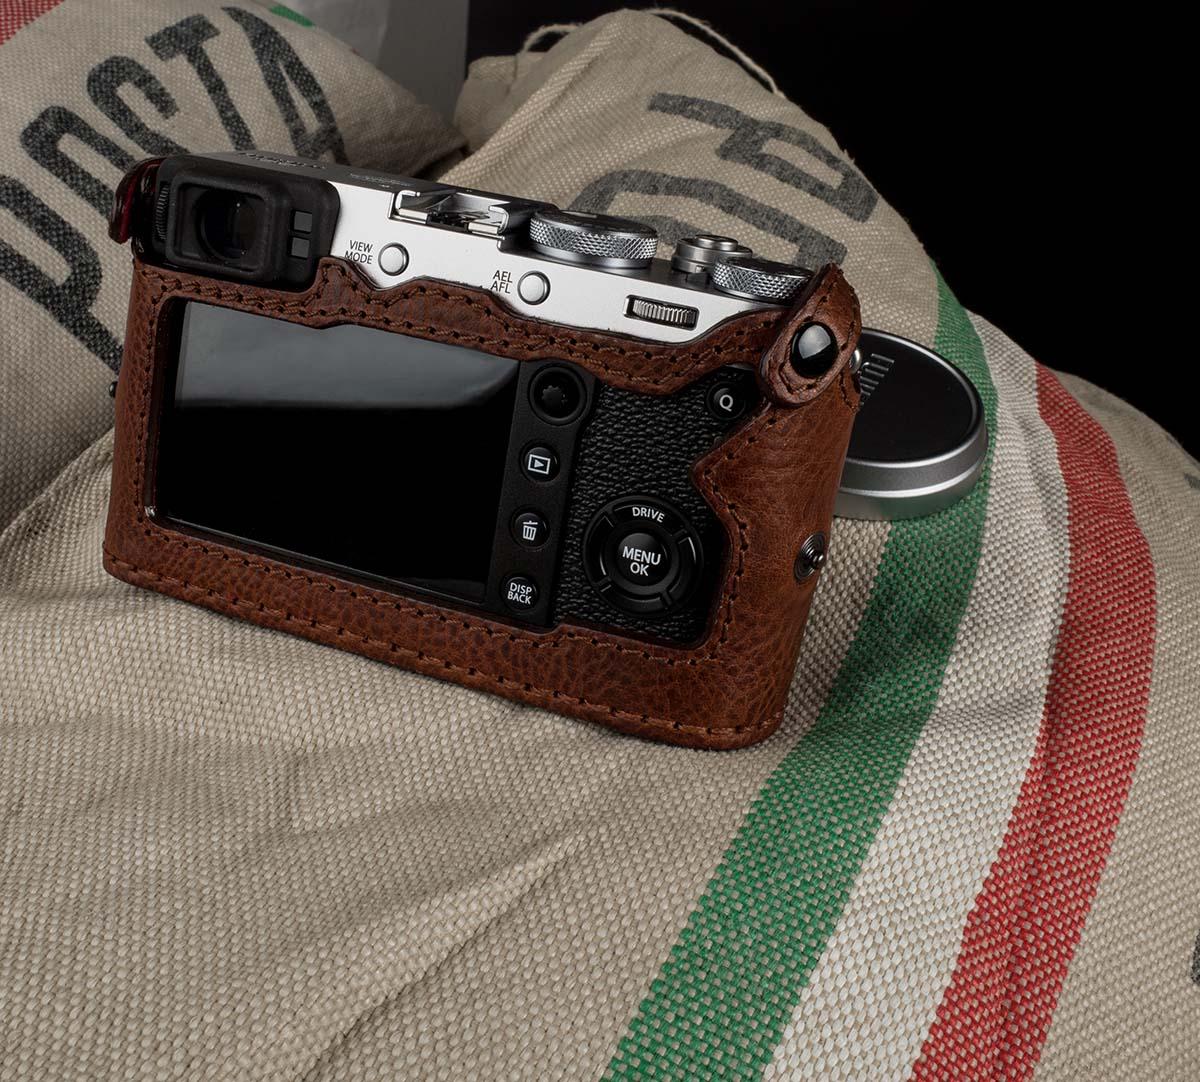 Angelo Pelle Fujifilm X100F And GFX50S Cases - Fuji Addict